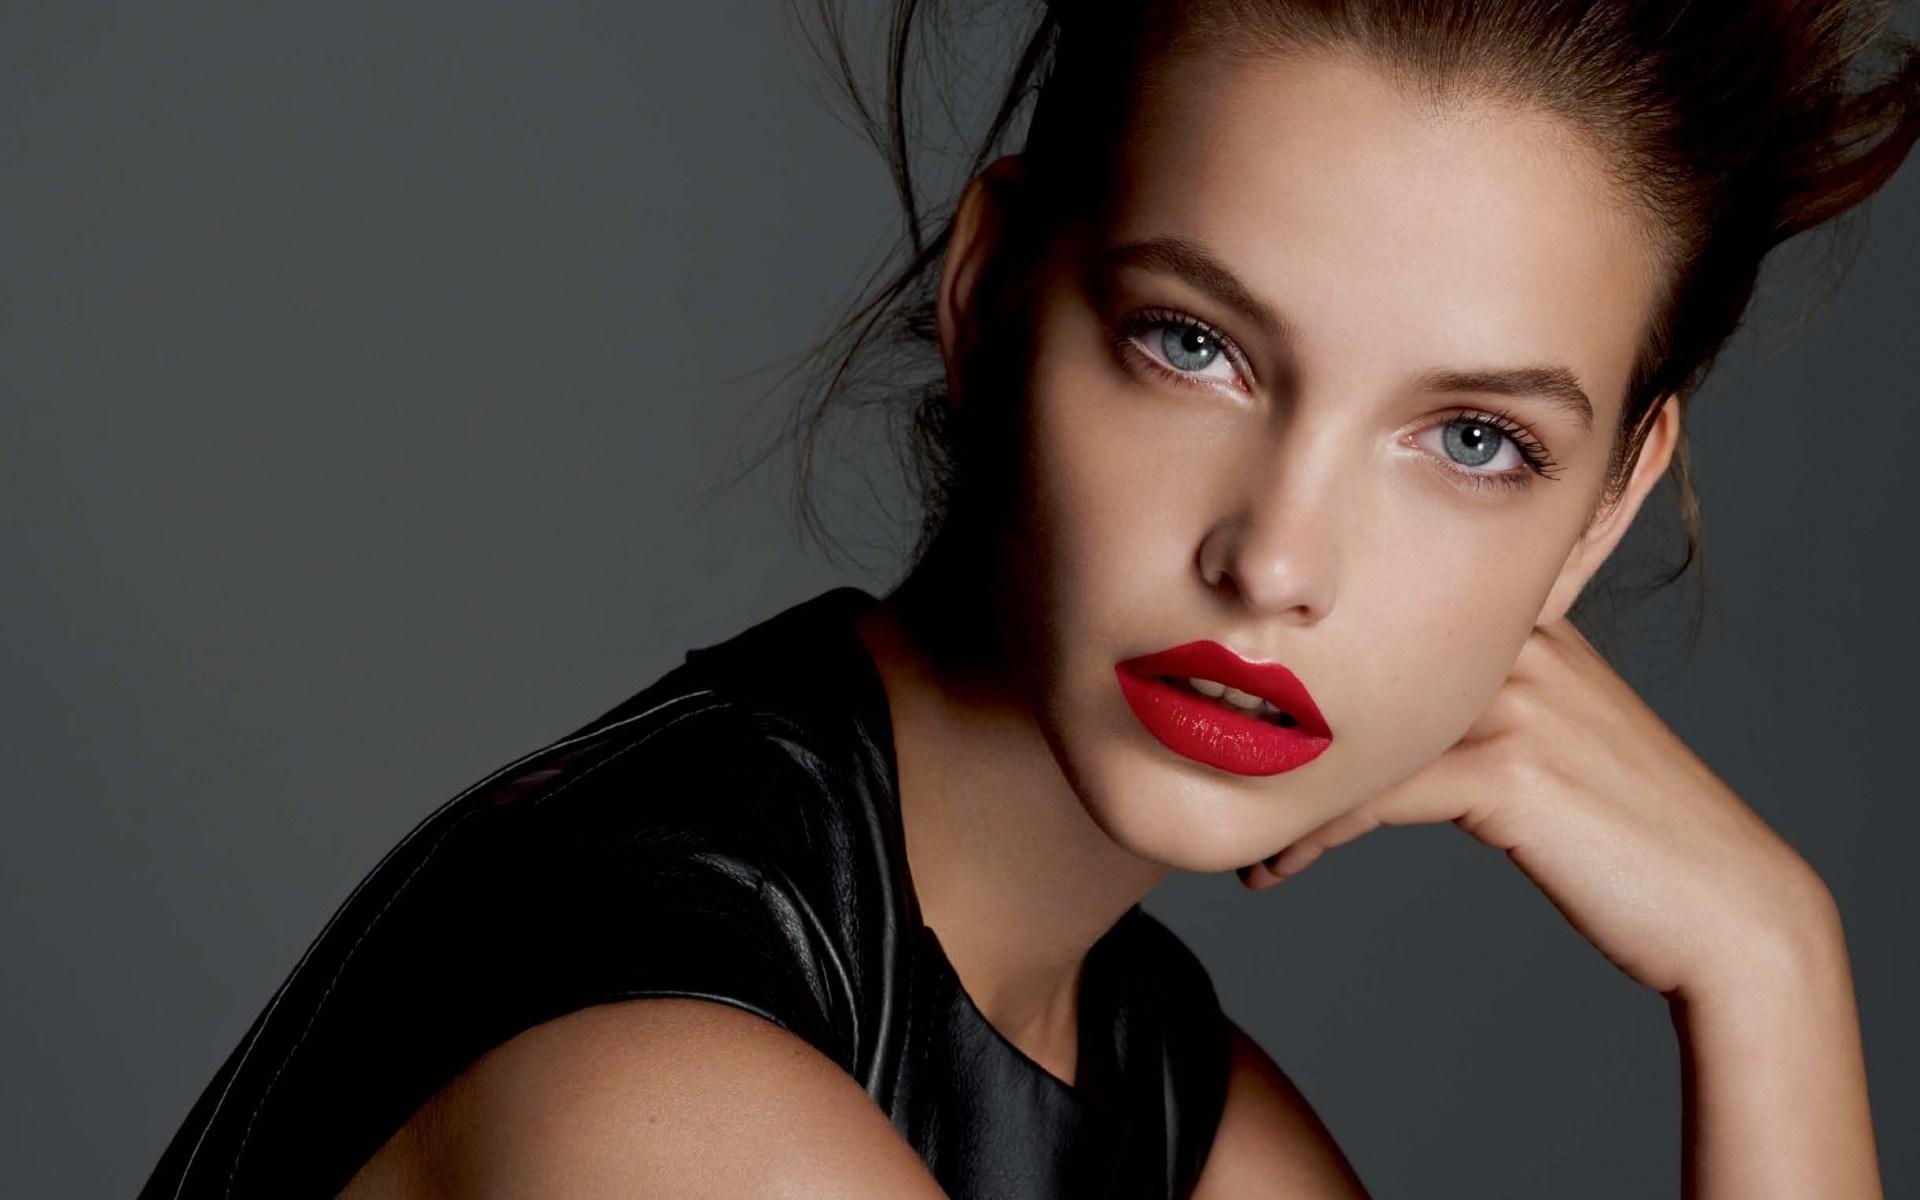 Lovely Girl Portrait Photo